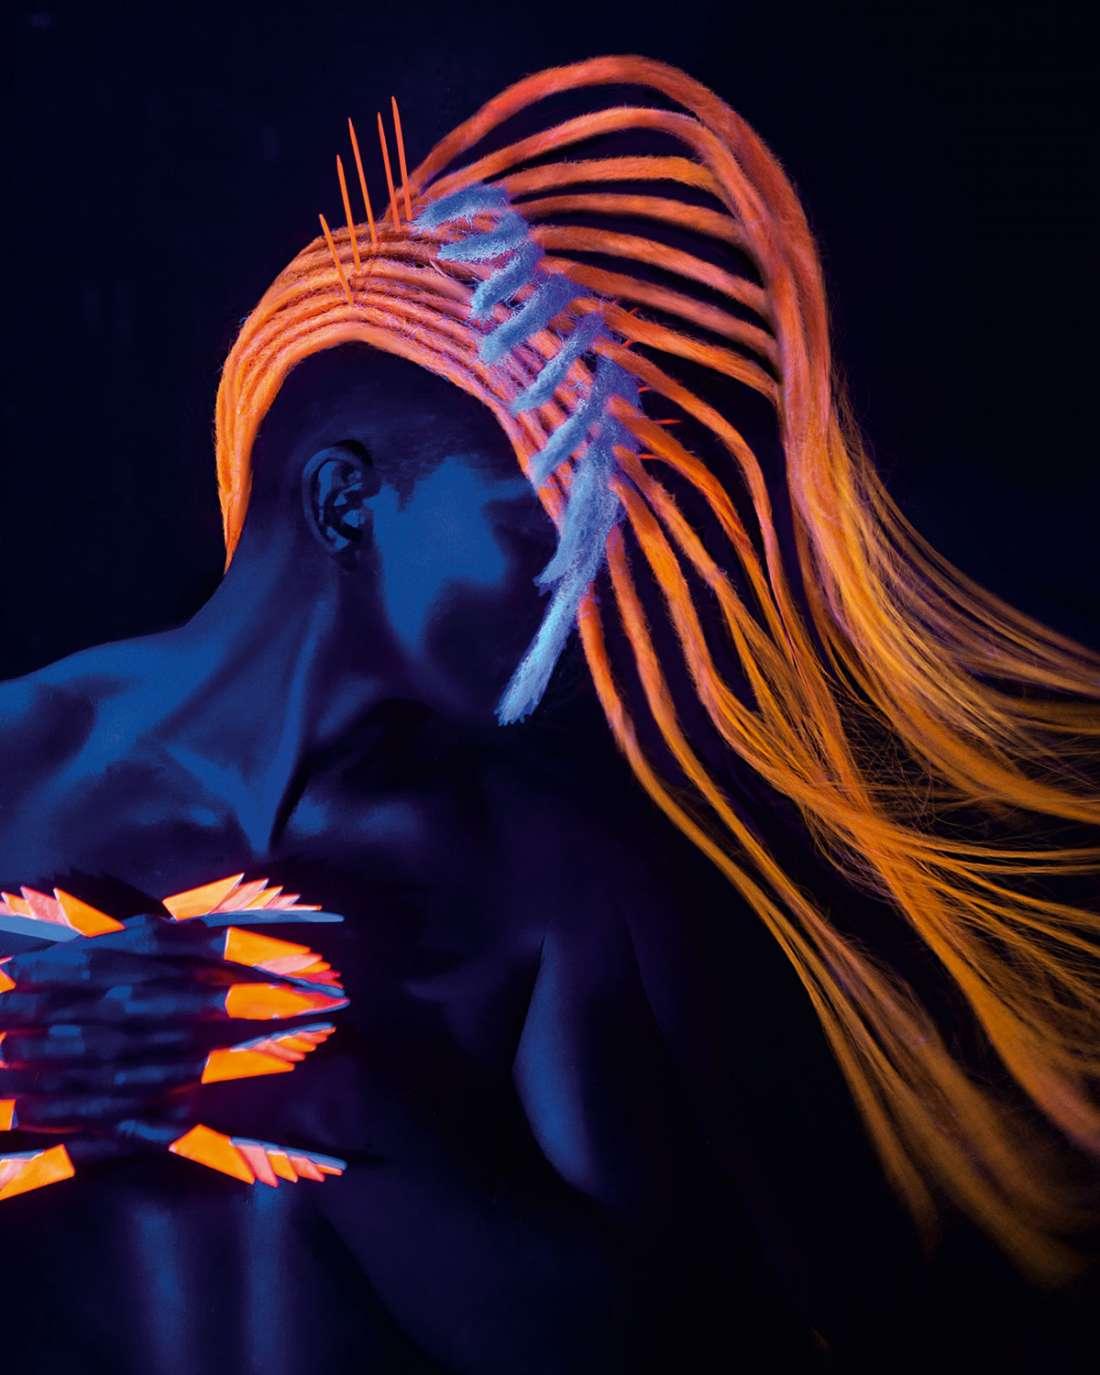 светящиеся волосы: фото 27